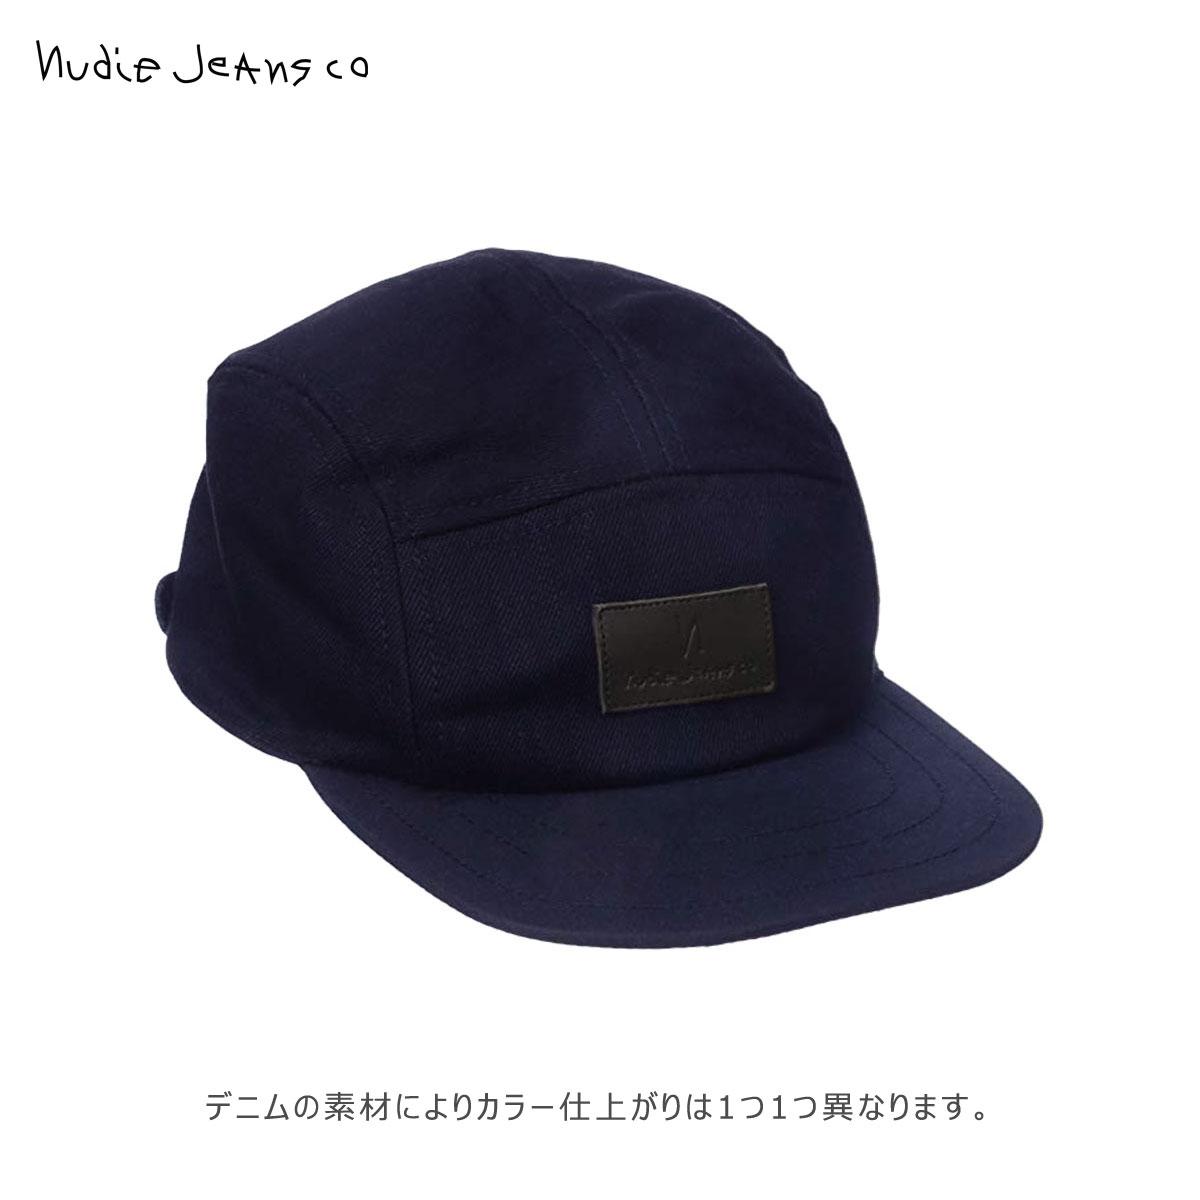 ヌーディージーンズ キャップ メンズ レディース 正規販売店 Nudie Jeans 帽子 MONTY CAP DENIM BLACK B59 180665